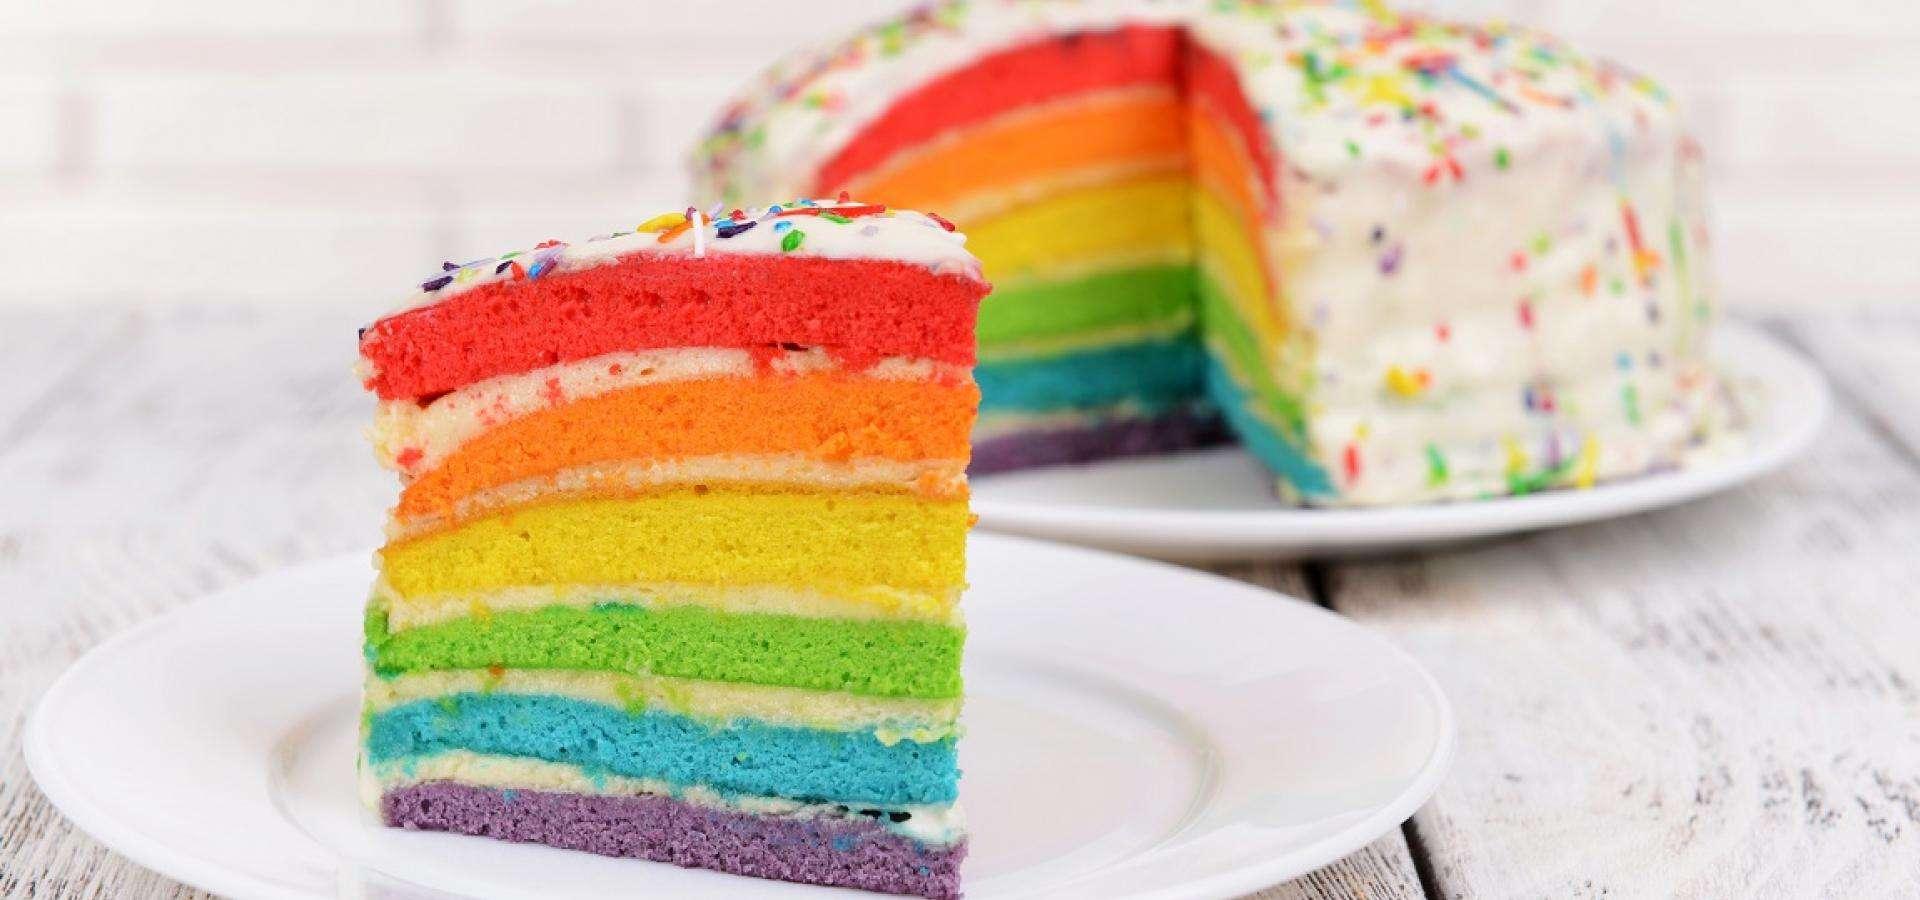 Tarta de cumpleños con los colores del arcoíris